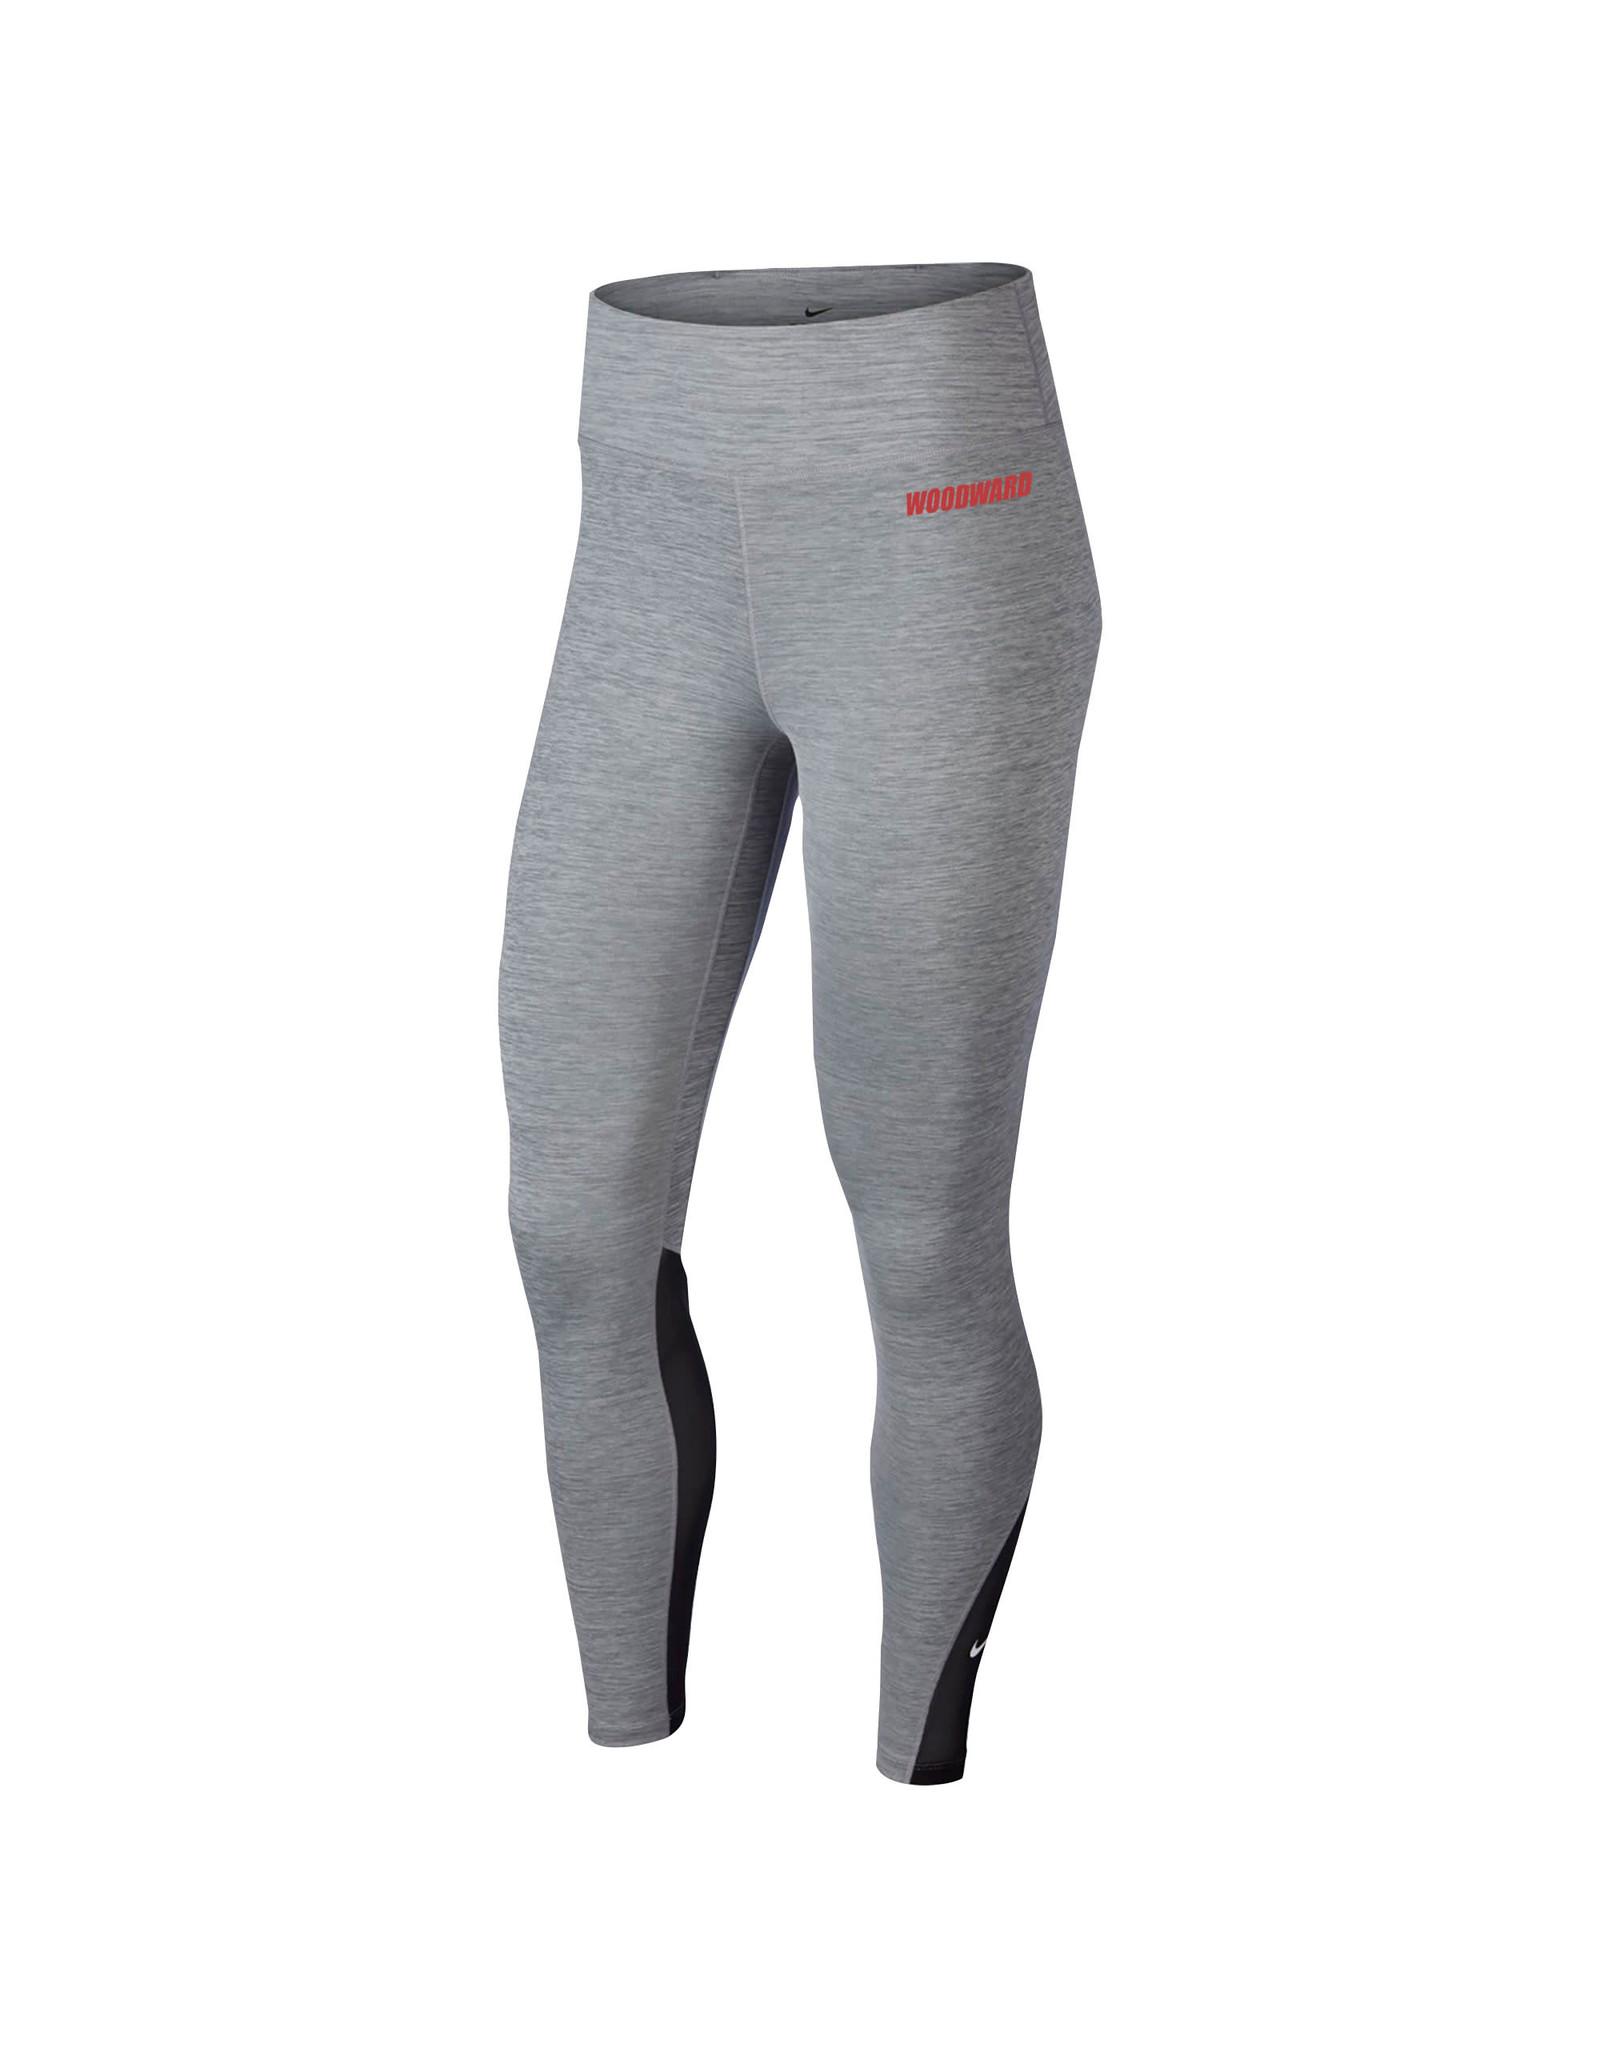 NIKE One Tight Legging in Grey